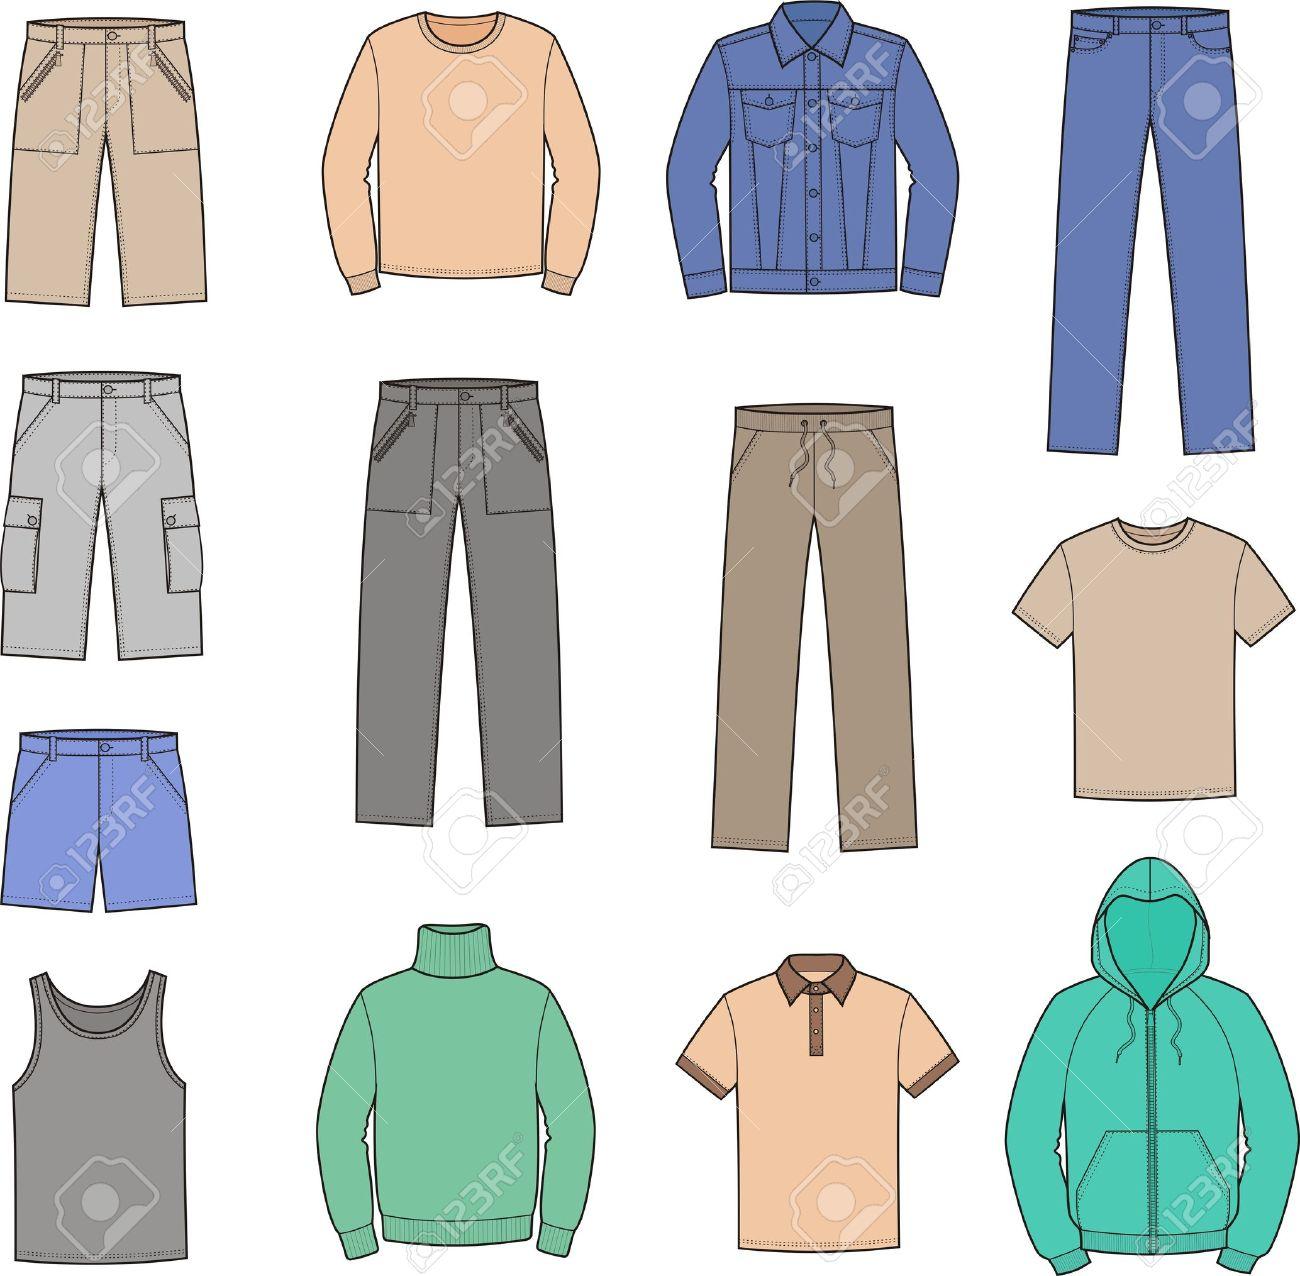 イラストの男性 s カジュアルな服スモック、ジャンパー、一重項、t